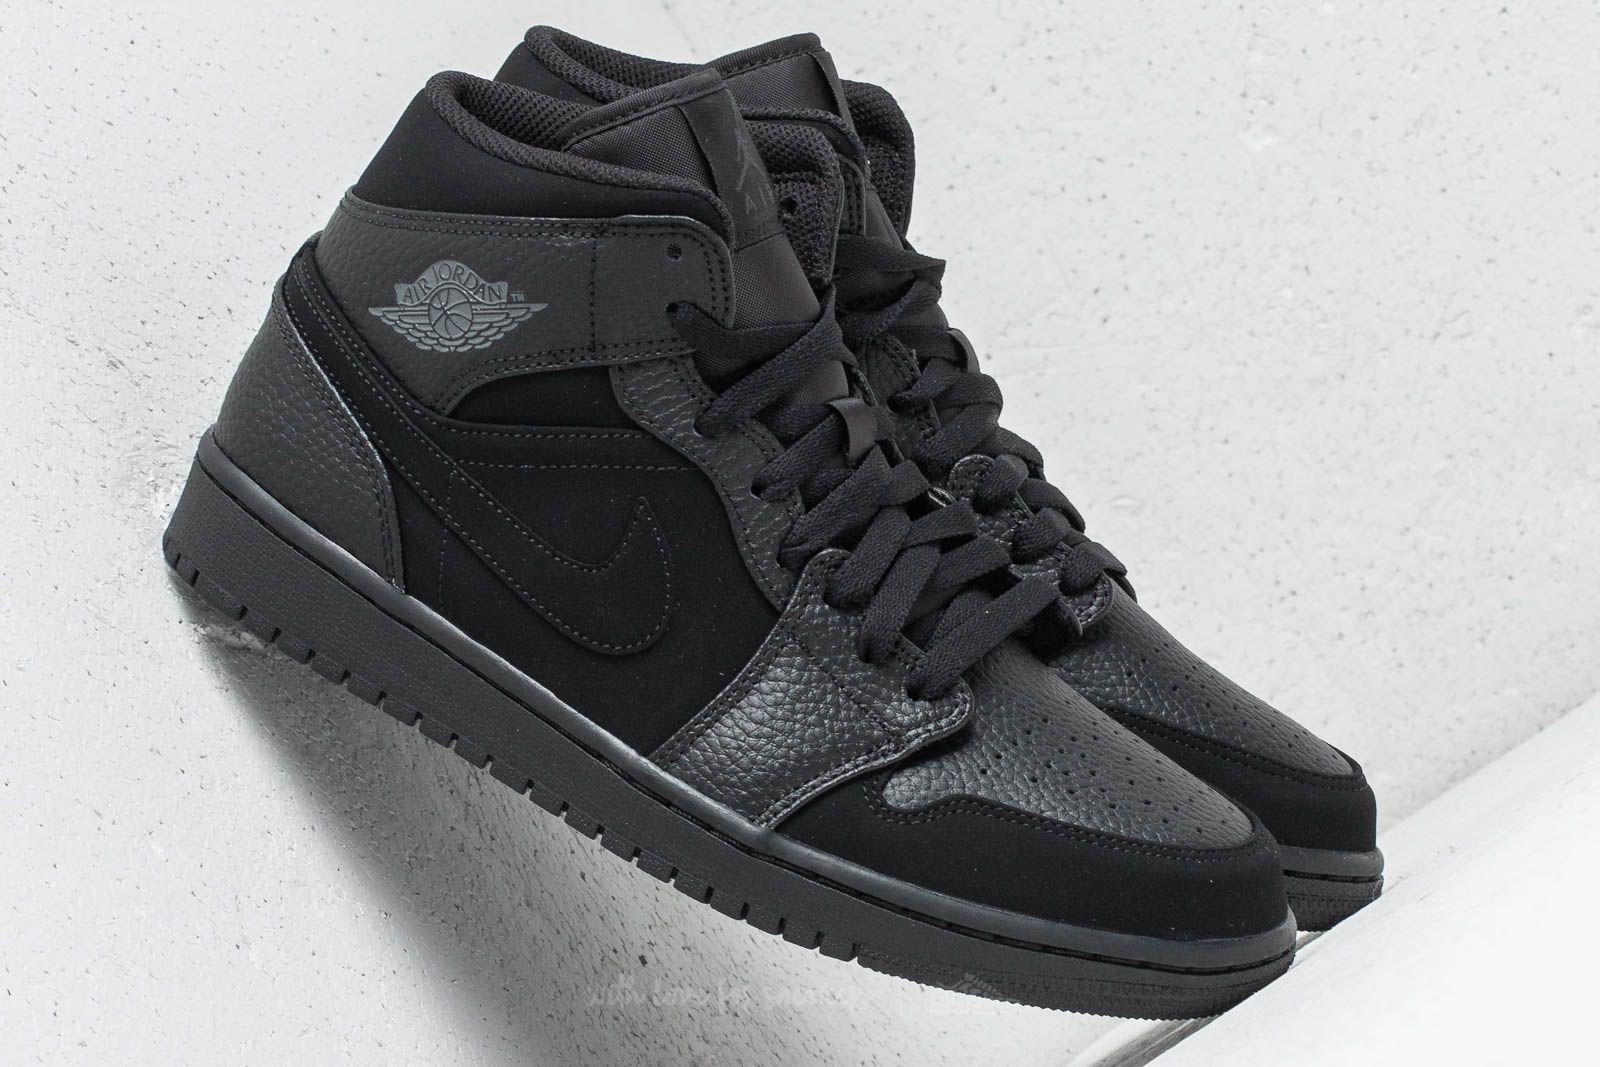 factory authentic 704ec 72078 Air Jordan 1 Mid Black  Dark Smoke Grey-Black la un preț excelent 523 Lei  cumpără la Footshop